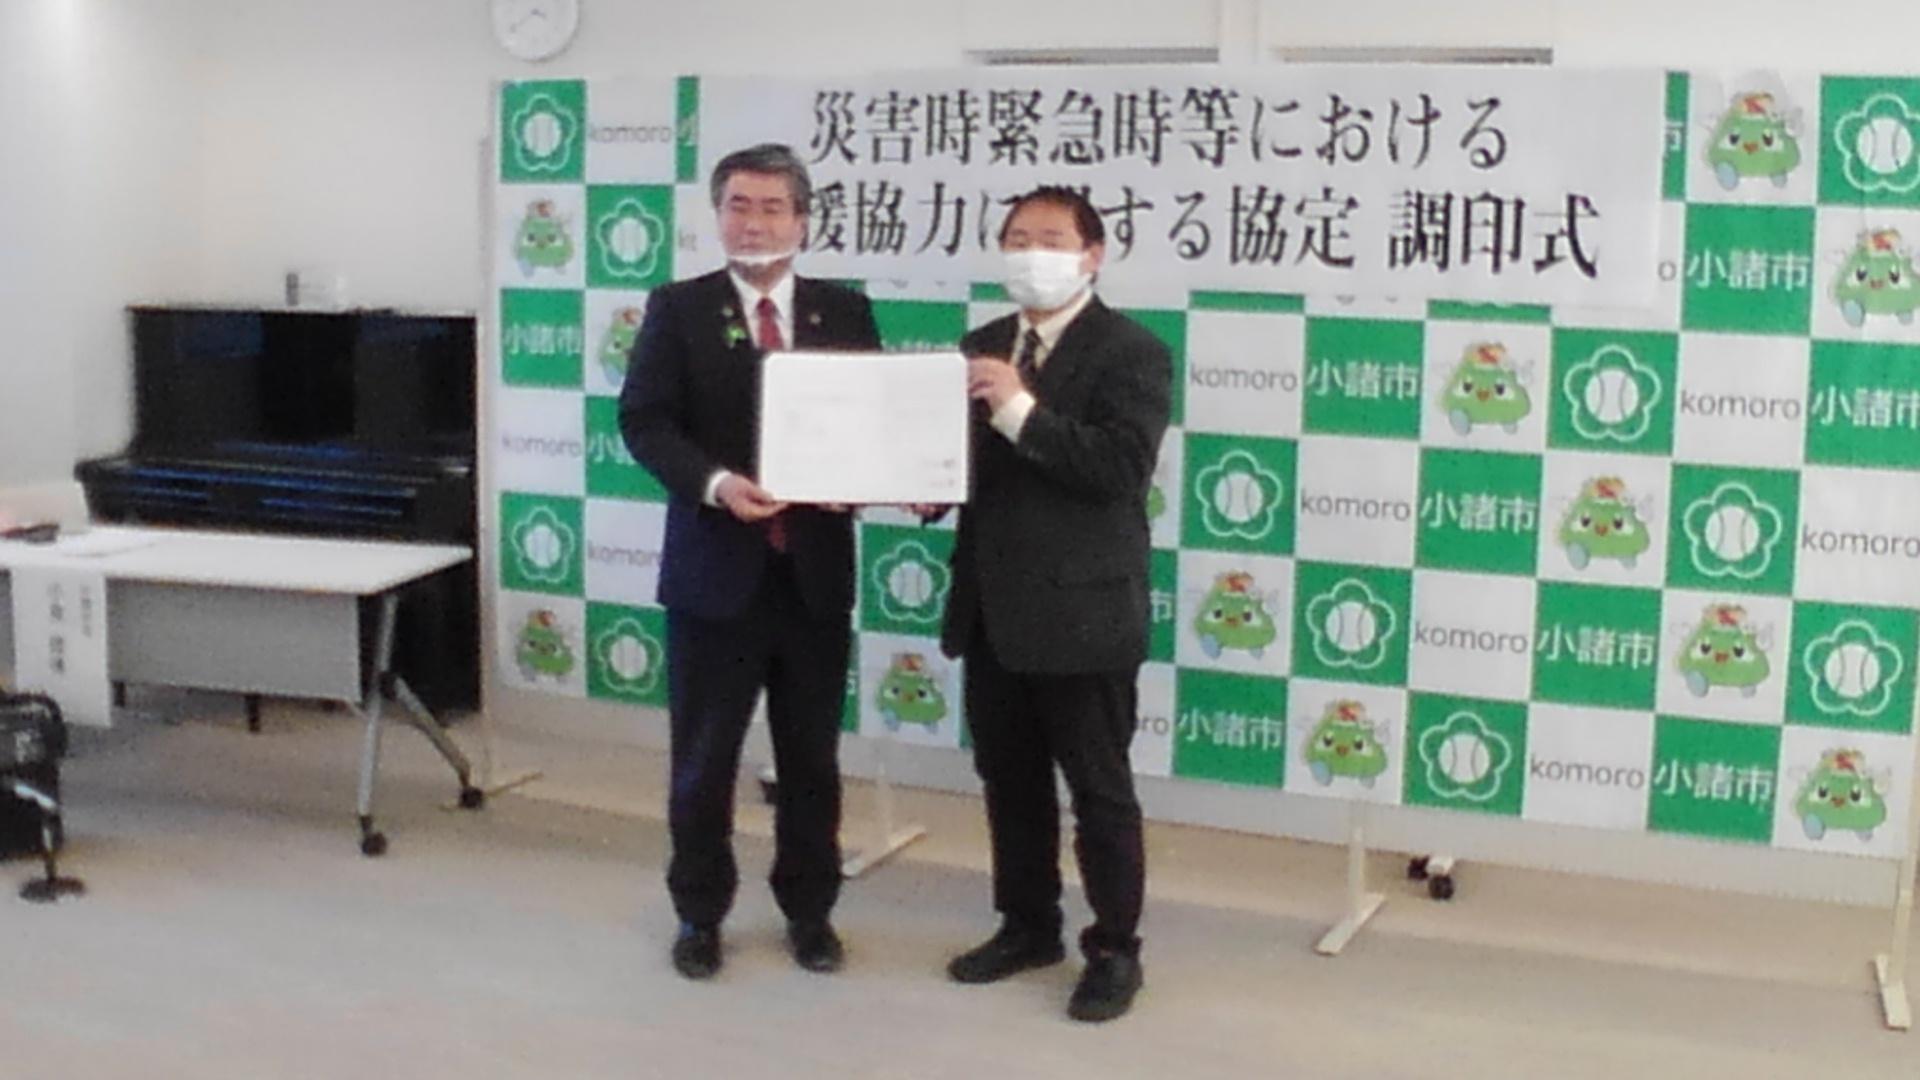 長野県小諸市と連携協力に関する協定を締結